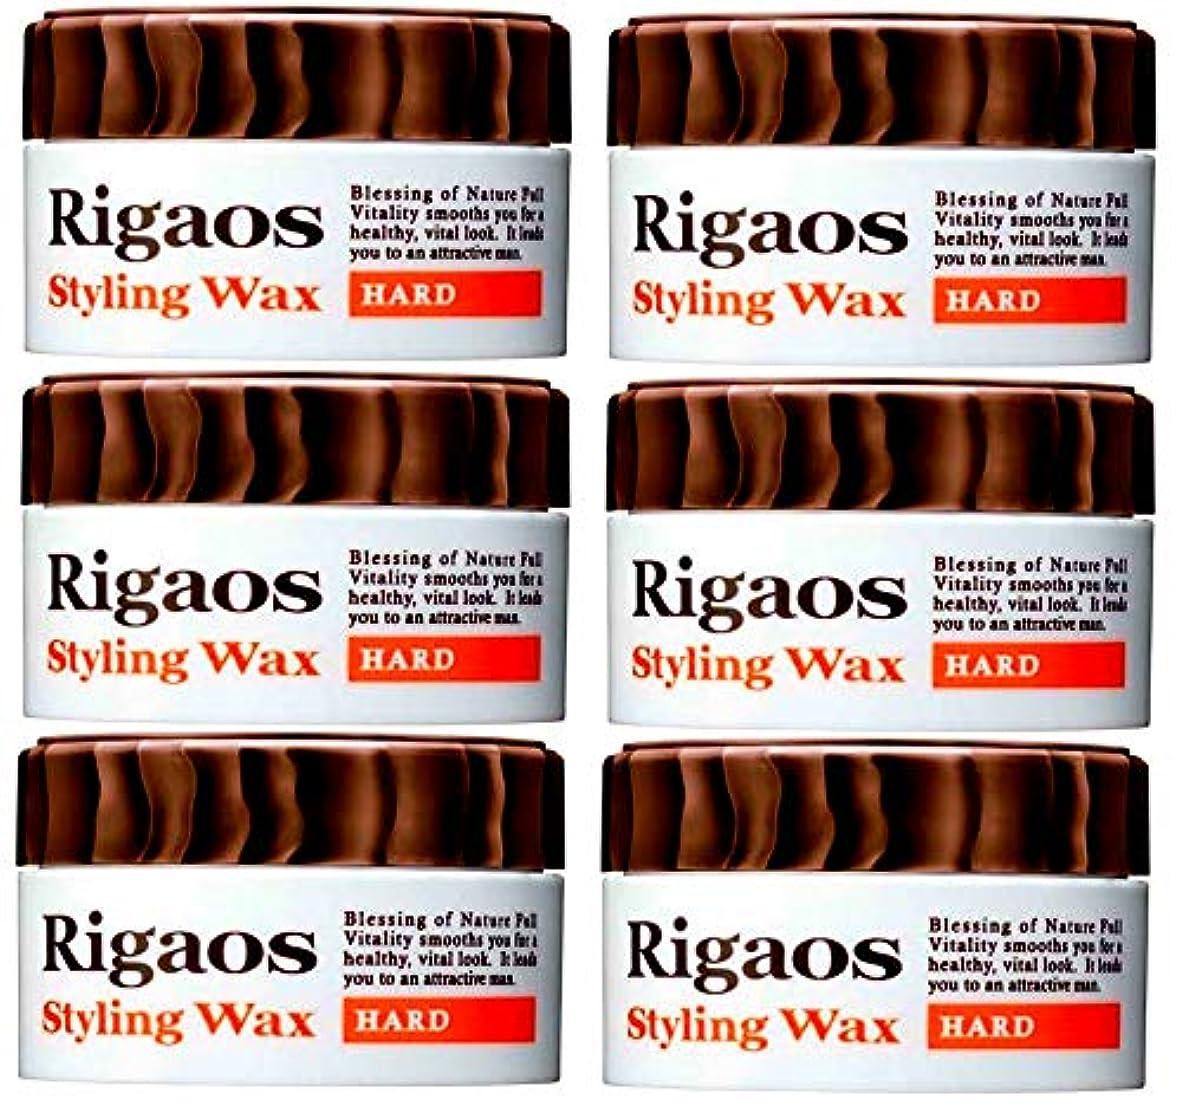 かみそり自由落胆する【まとめ買い6個セット!】Rigaos リガオス スタイリングワックス 「ハード ミニ」(15g)× 6個